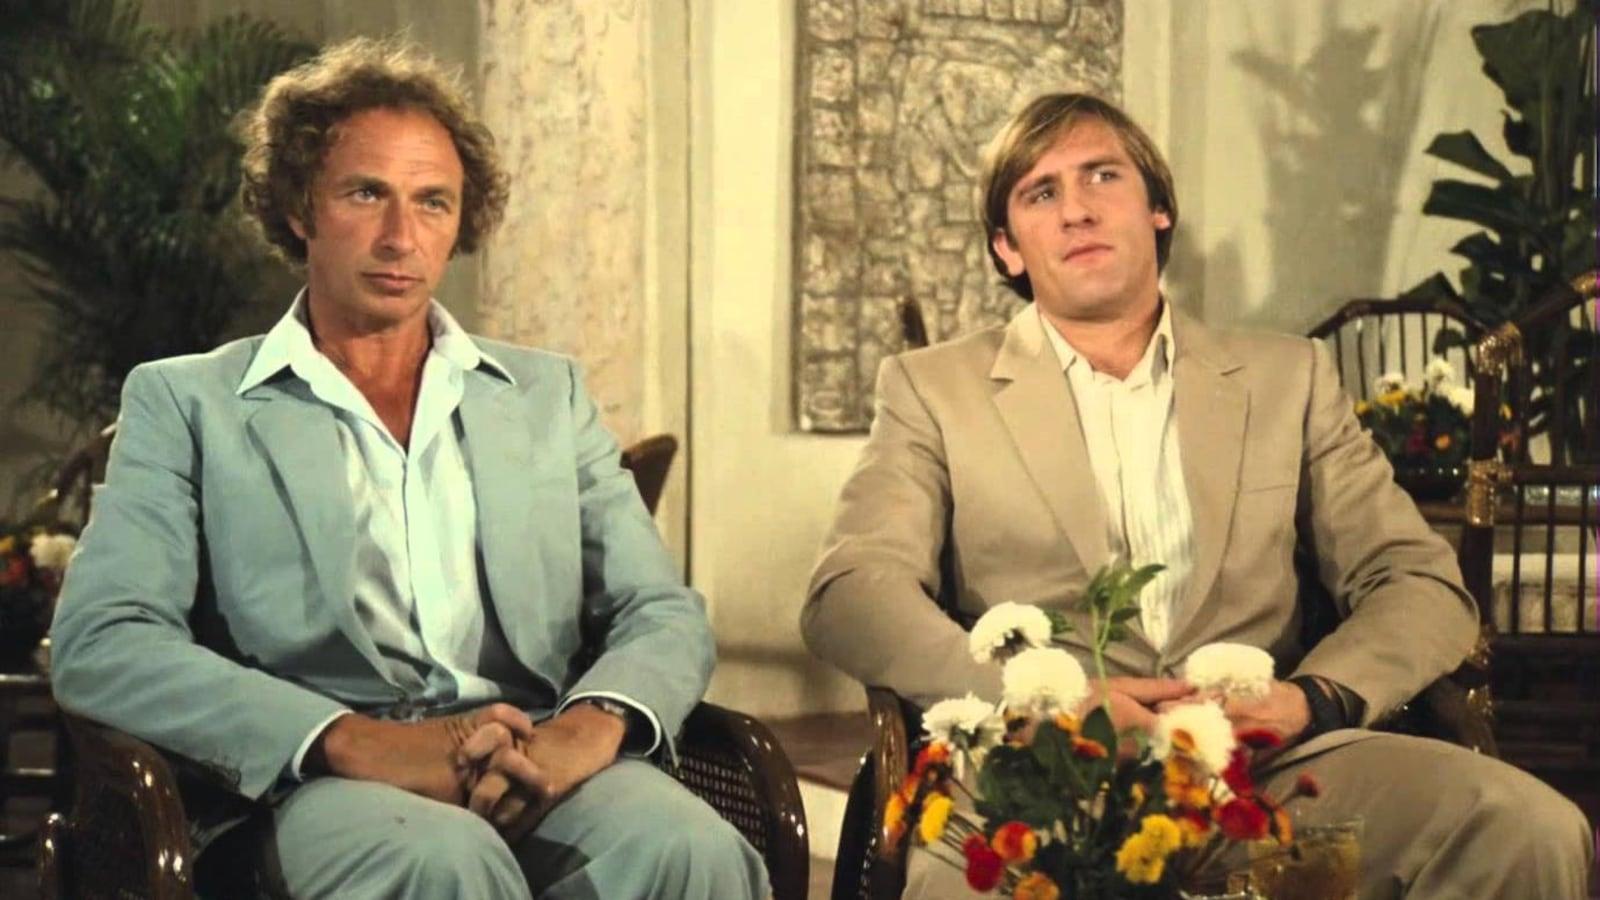 Un homme en costume bleu clair, un autre en costume sable, assis côte à côte.